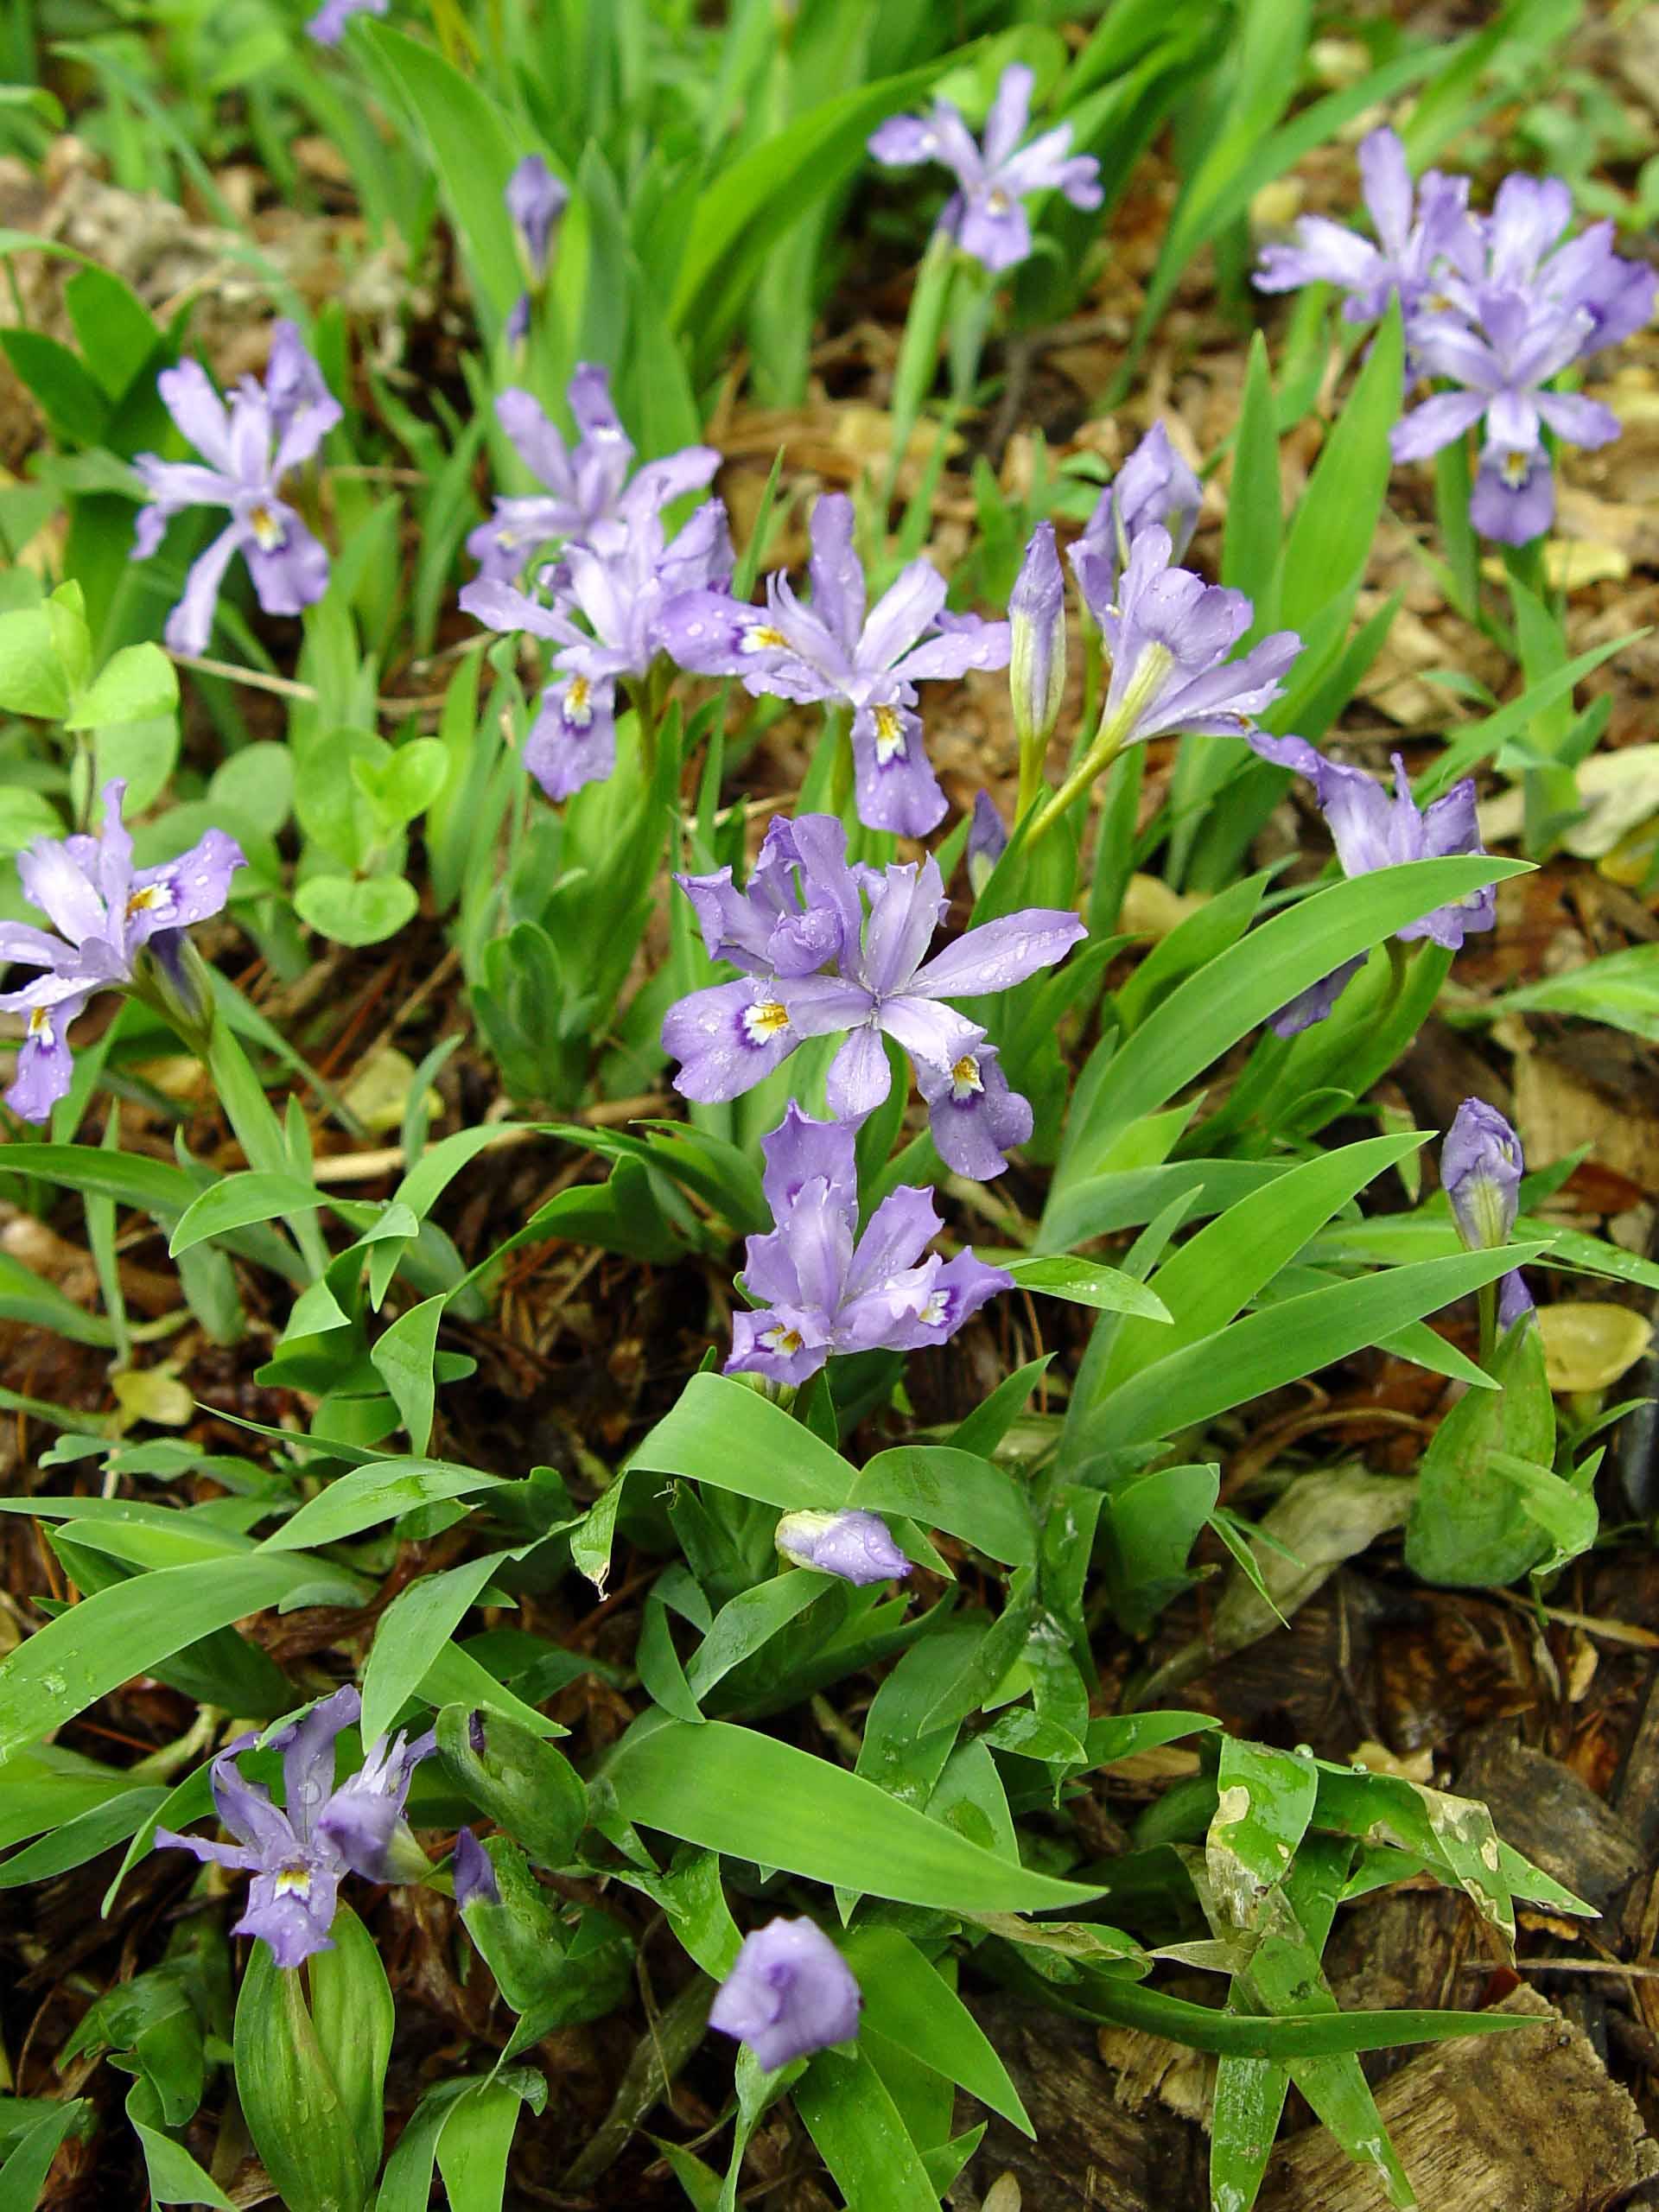 Garden Housecalls - South-central Pennsylvania Native Plants